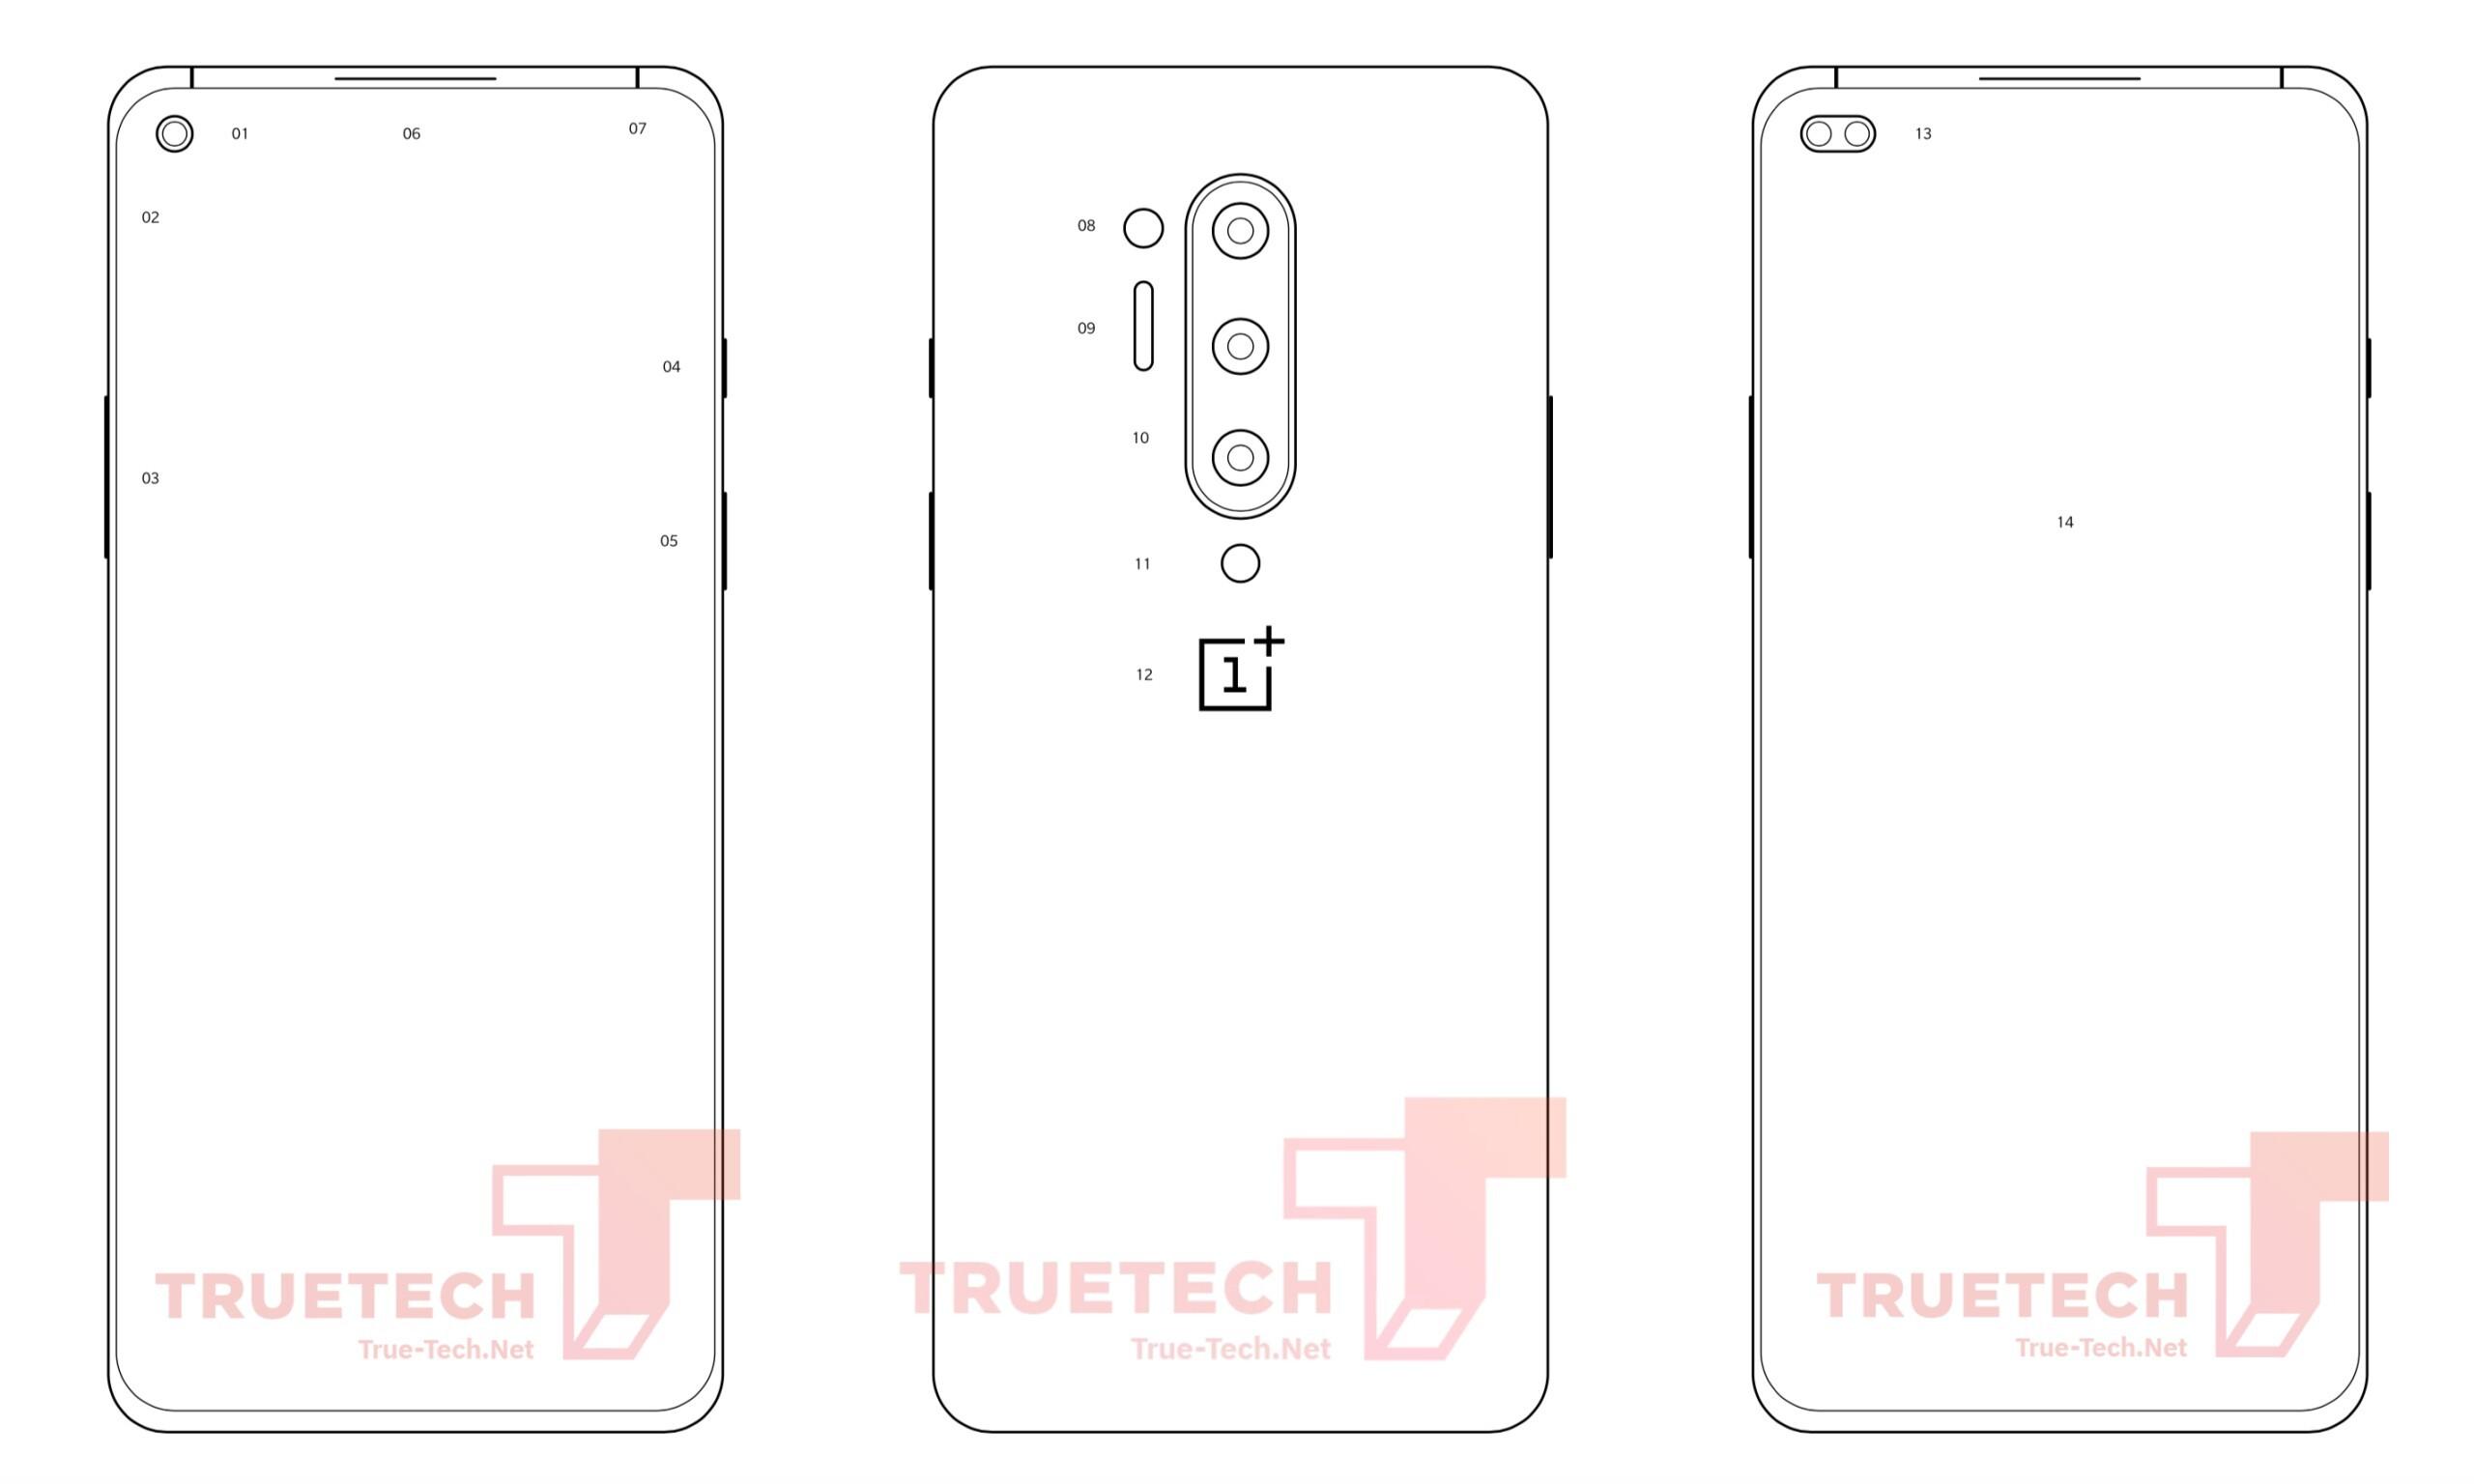 OnePlus 8 by mohl nabídnout čtyři fotoaparáty a design Galaxy S10